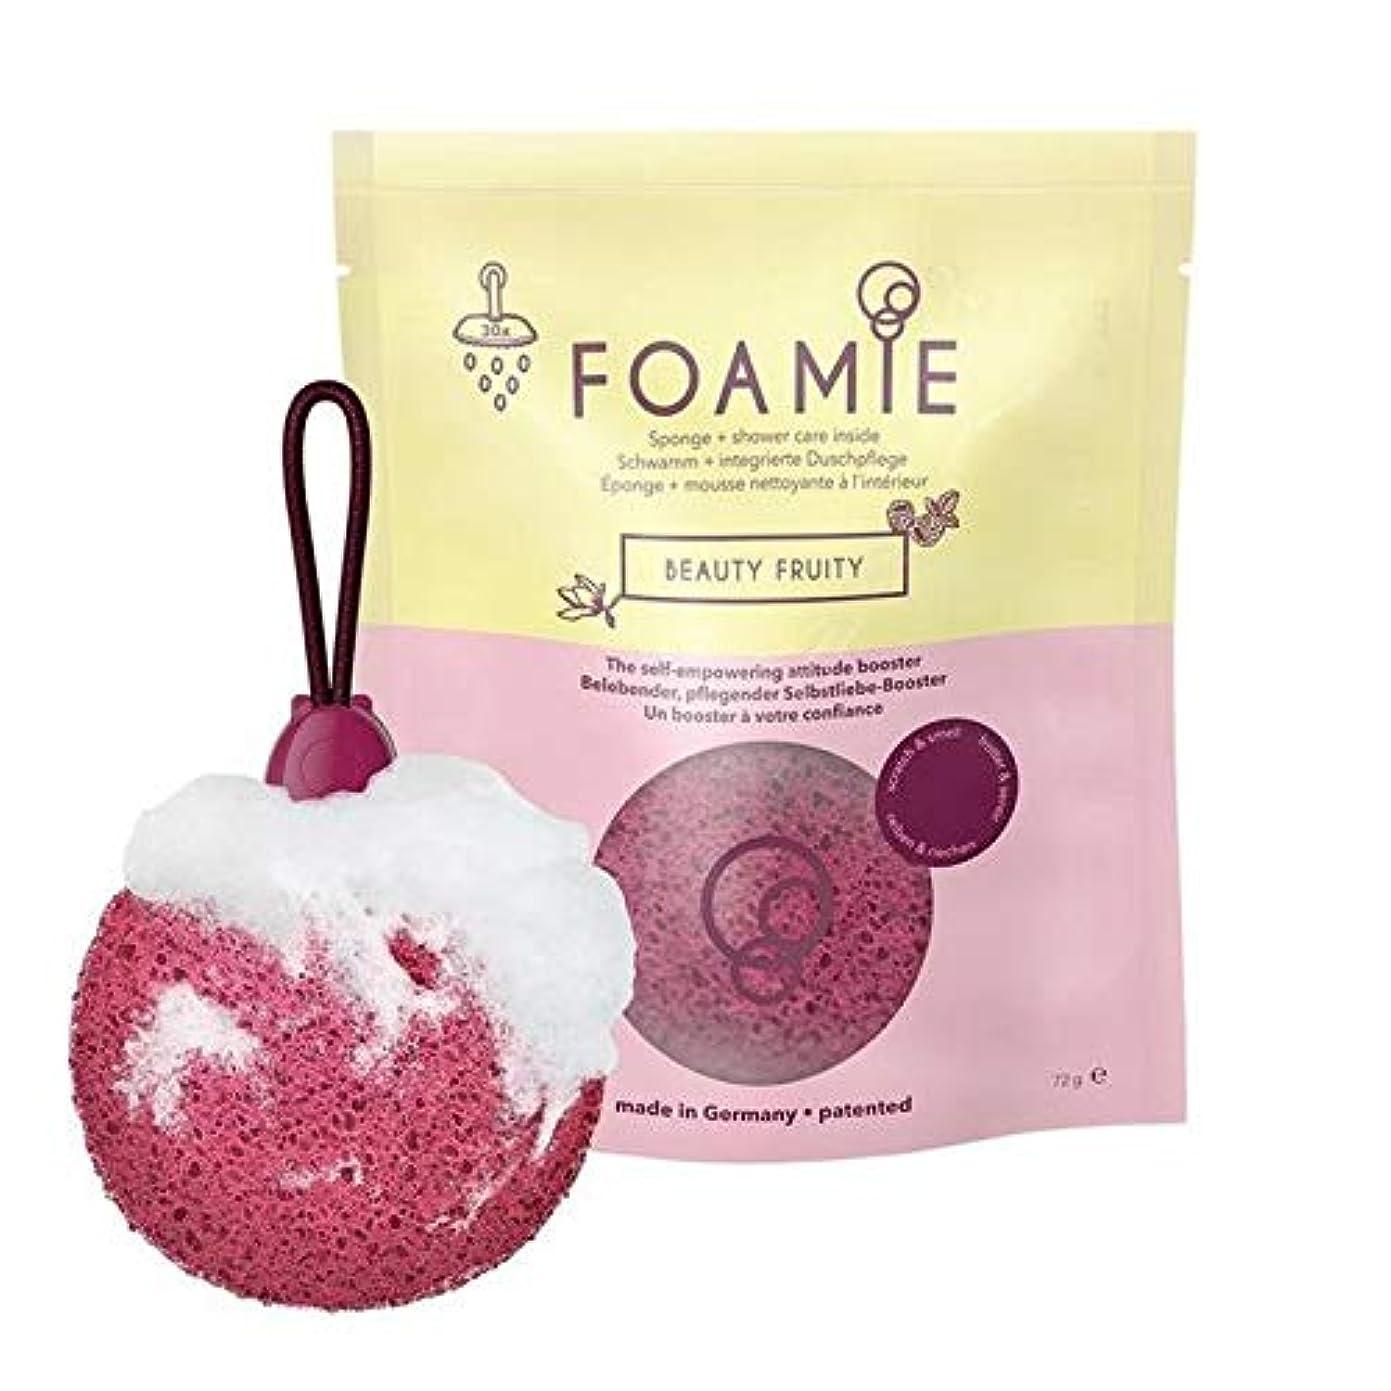 中世の下着単調な[Foamie] Foamieスポンジ&ボディウォッシュ、美しさのフルーティー - Foamie Sponge & Body Wash, Beauty Fruity [並行輸入品]